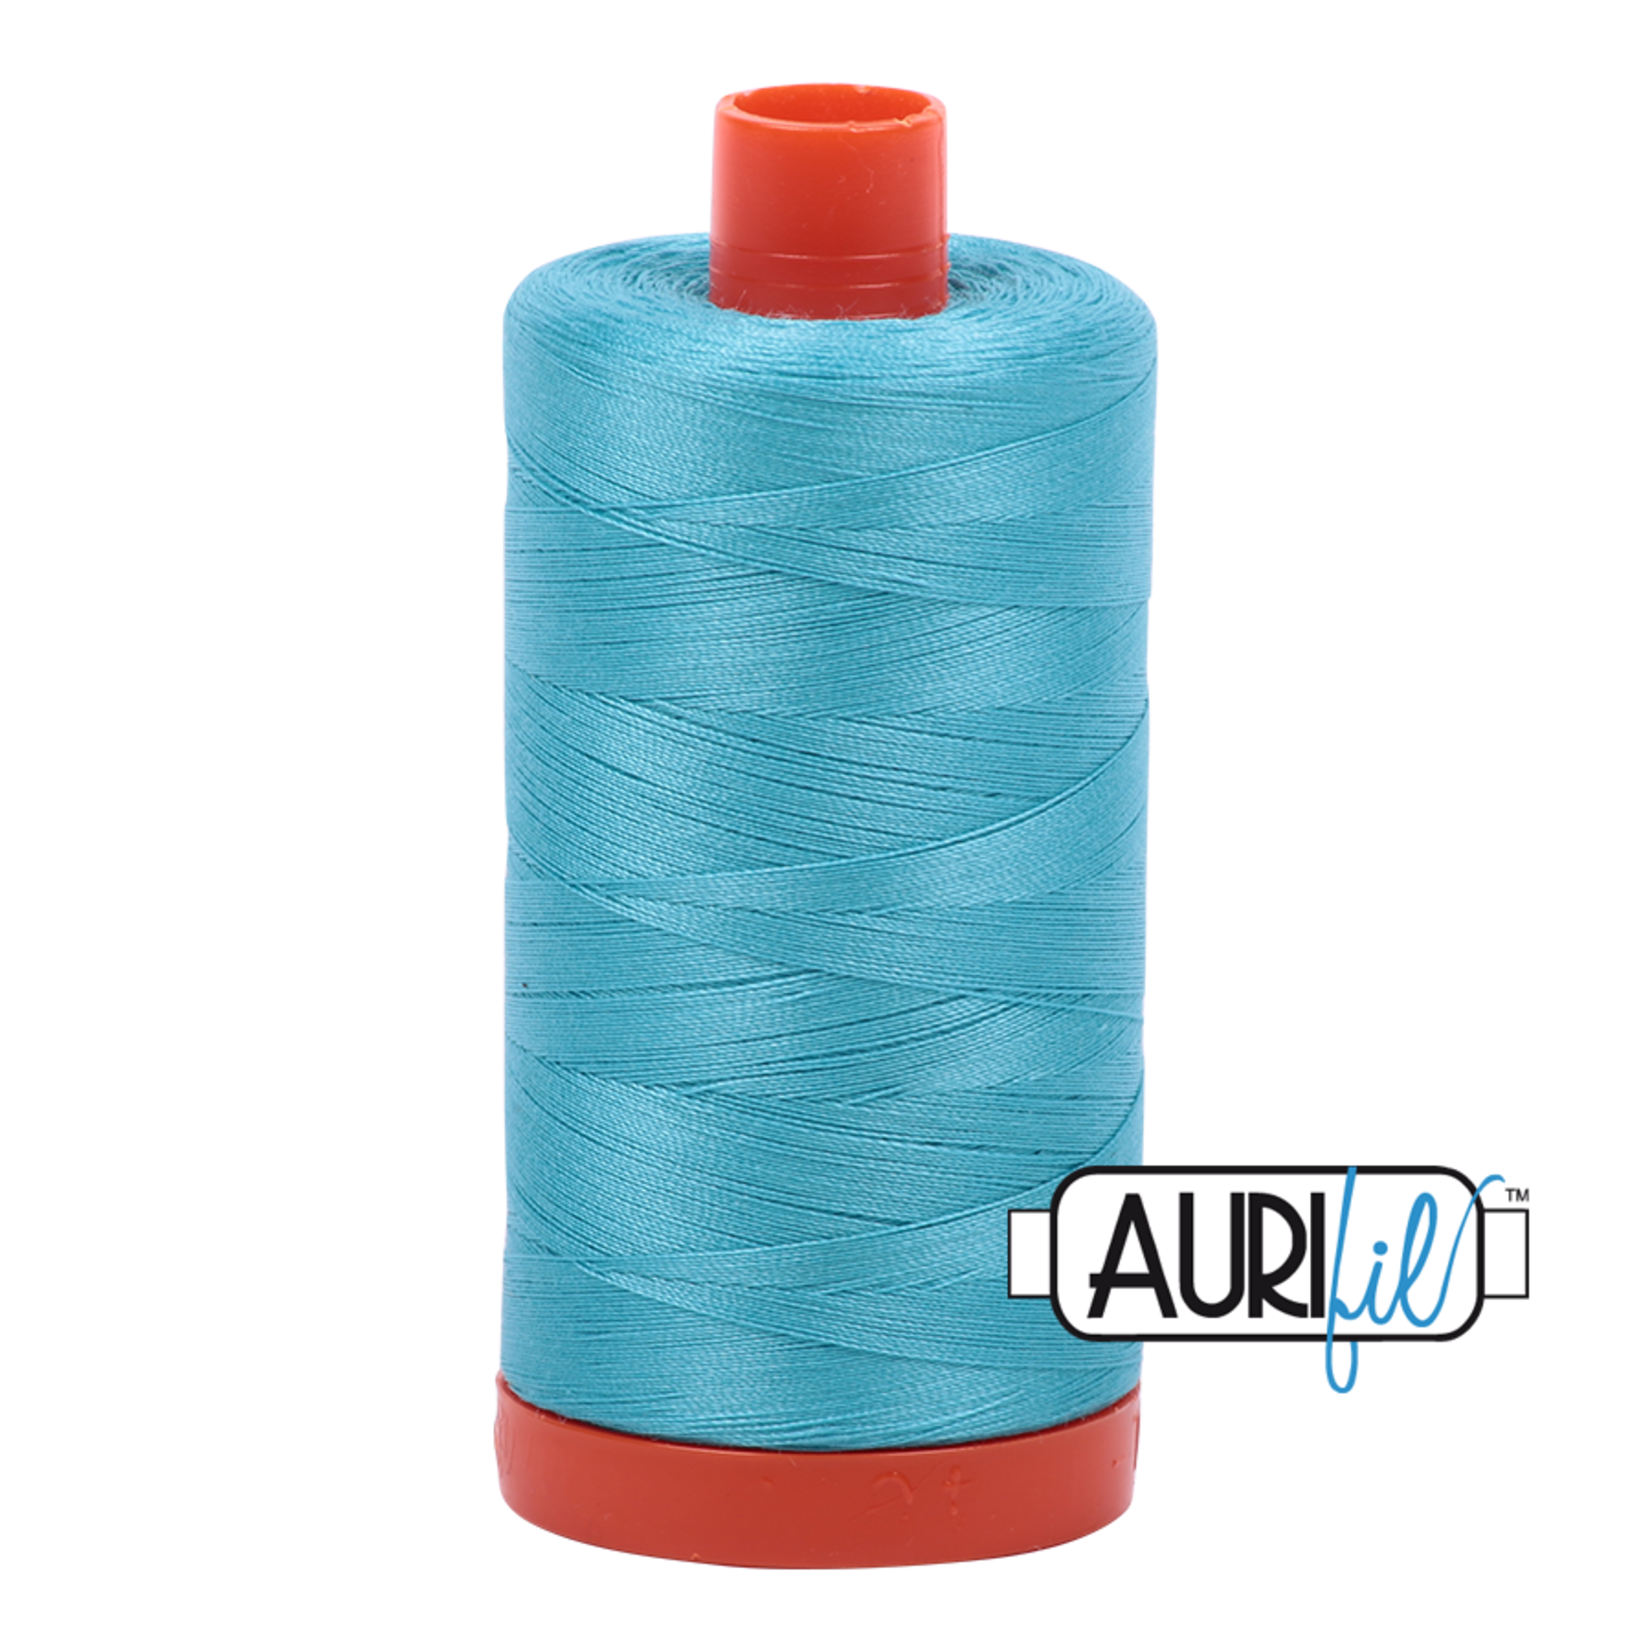 AURIFIL AURIFIL 50 WT Bright Turquoise 5005